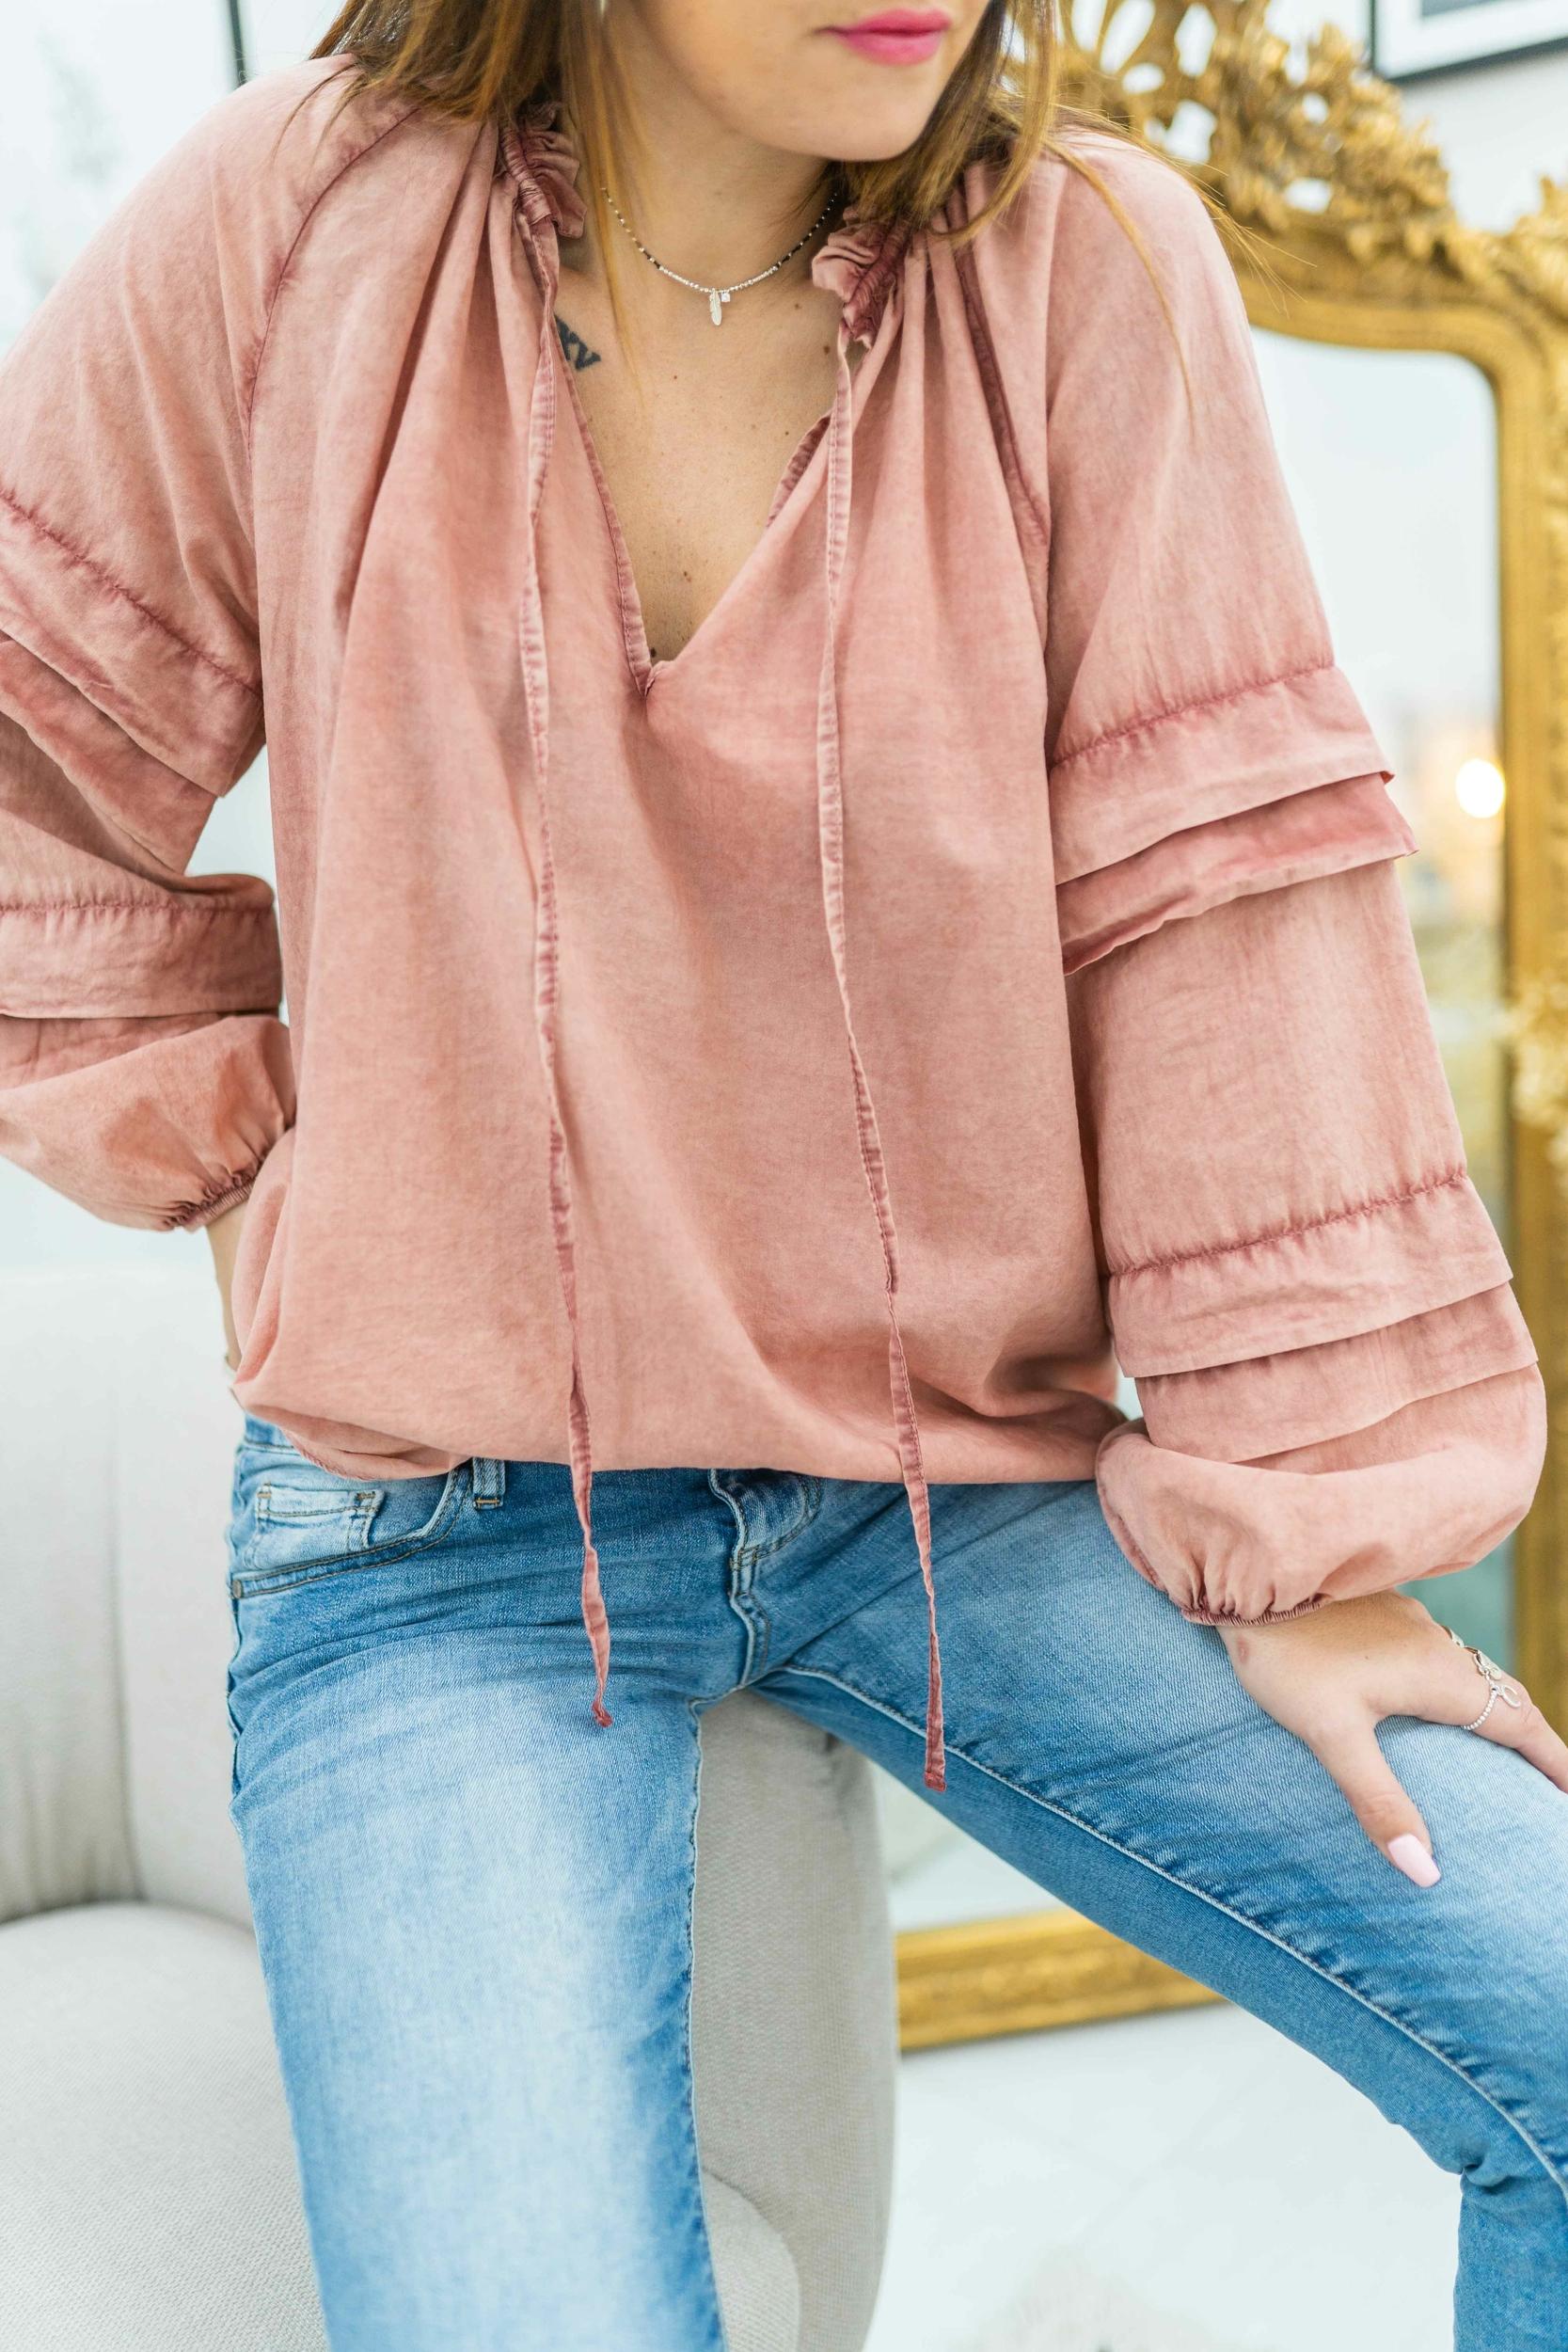 blouse_janeta_rose_banditas